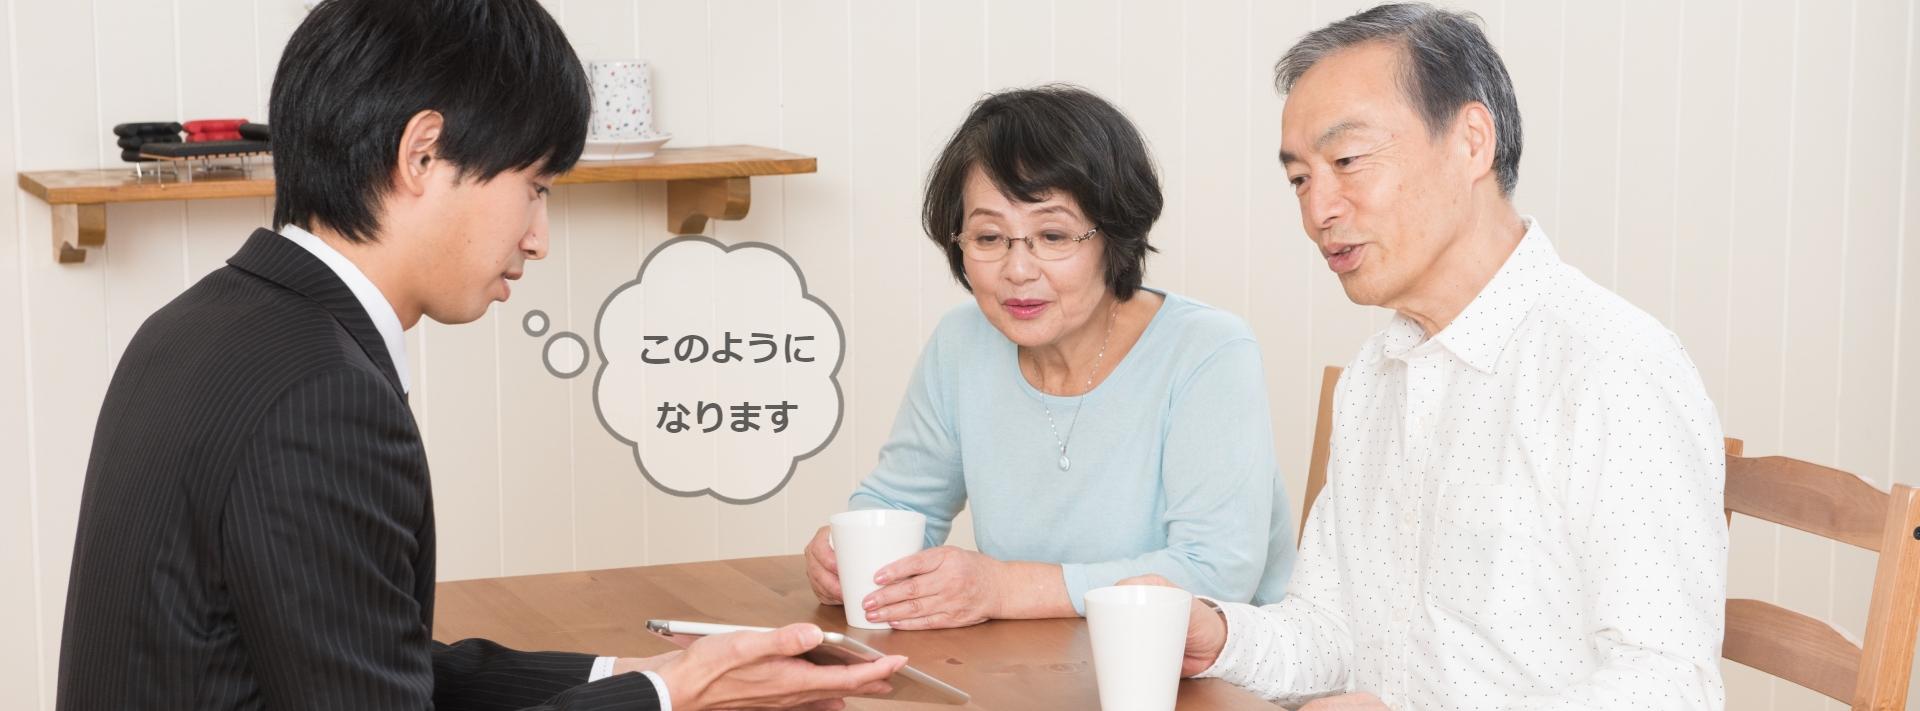 「2000万円問題」に該当する世帯はあるのか?|新おとな学 snias.com